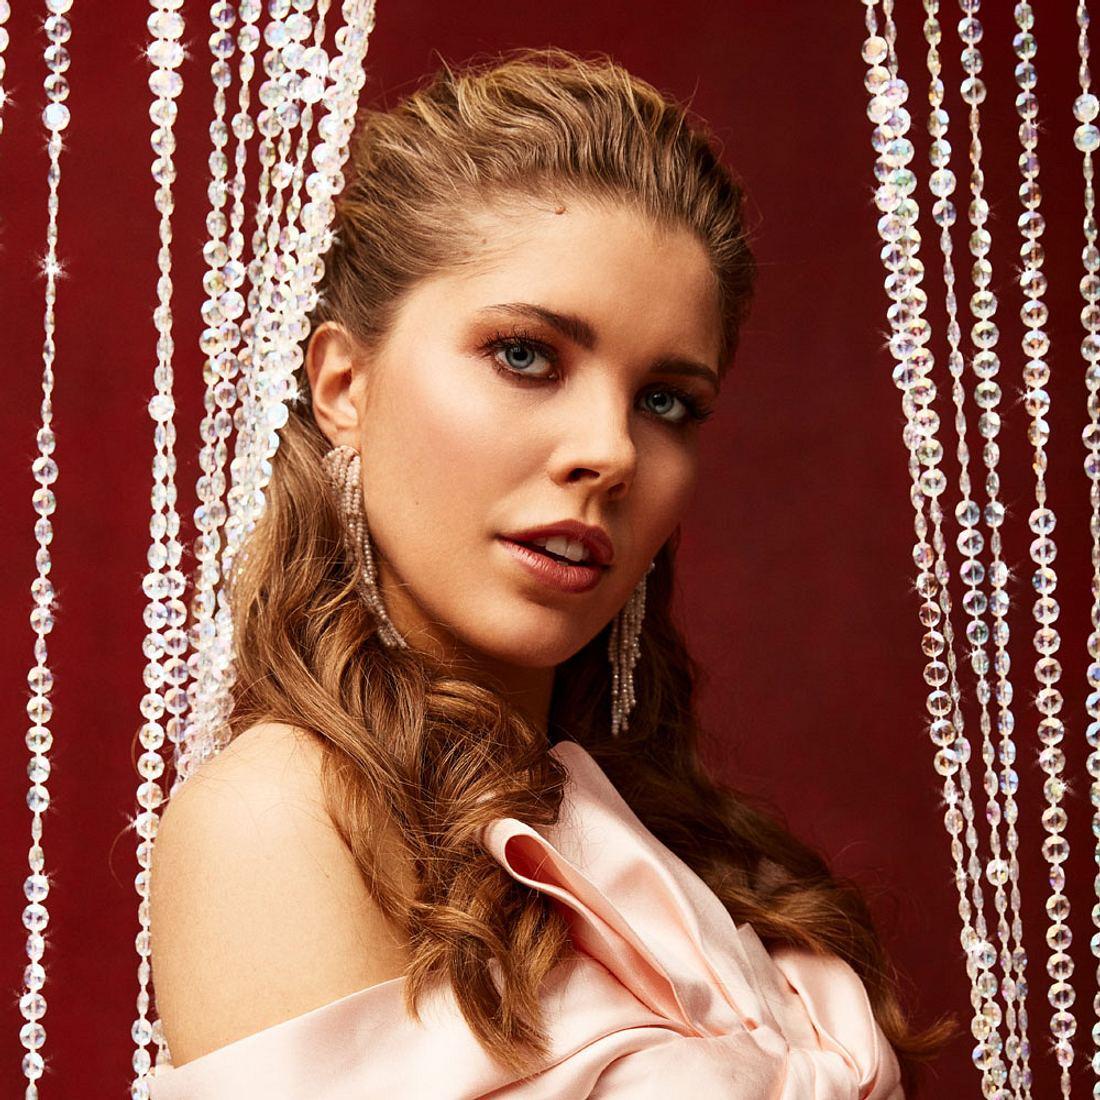 Victoria Swarovski Let's dance 2018